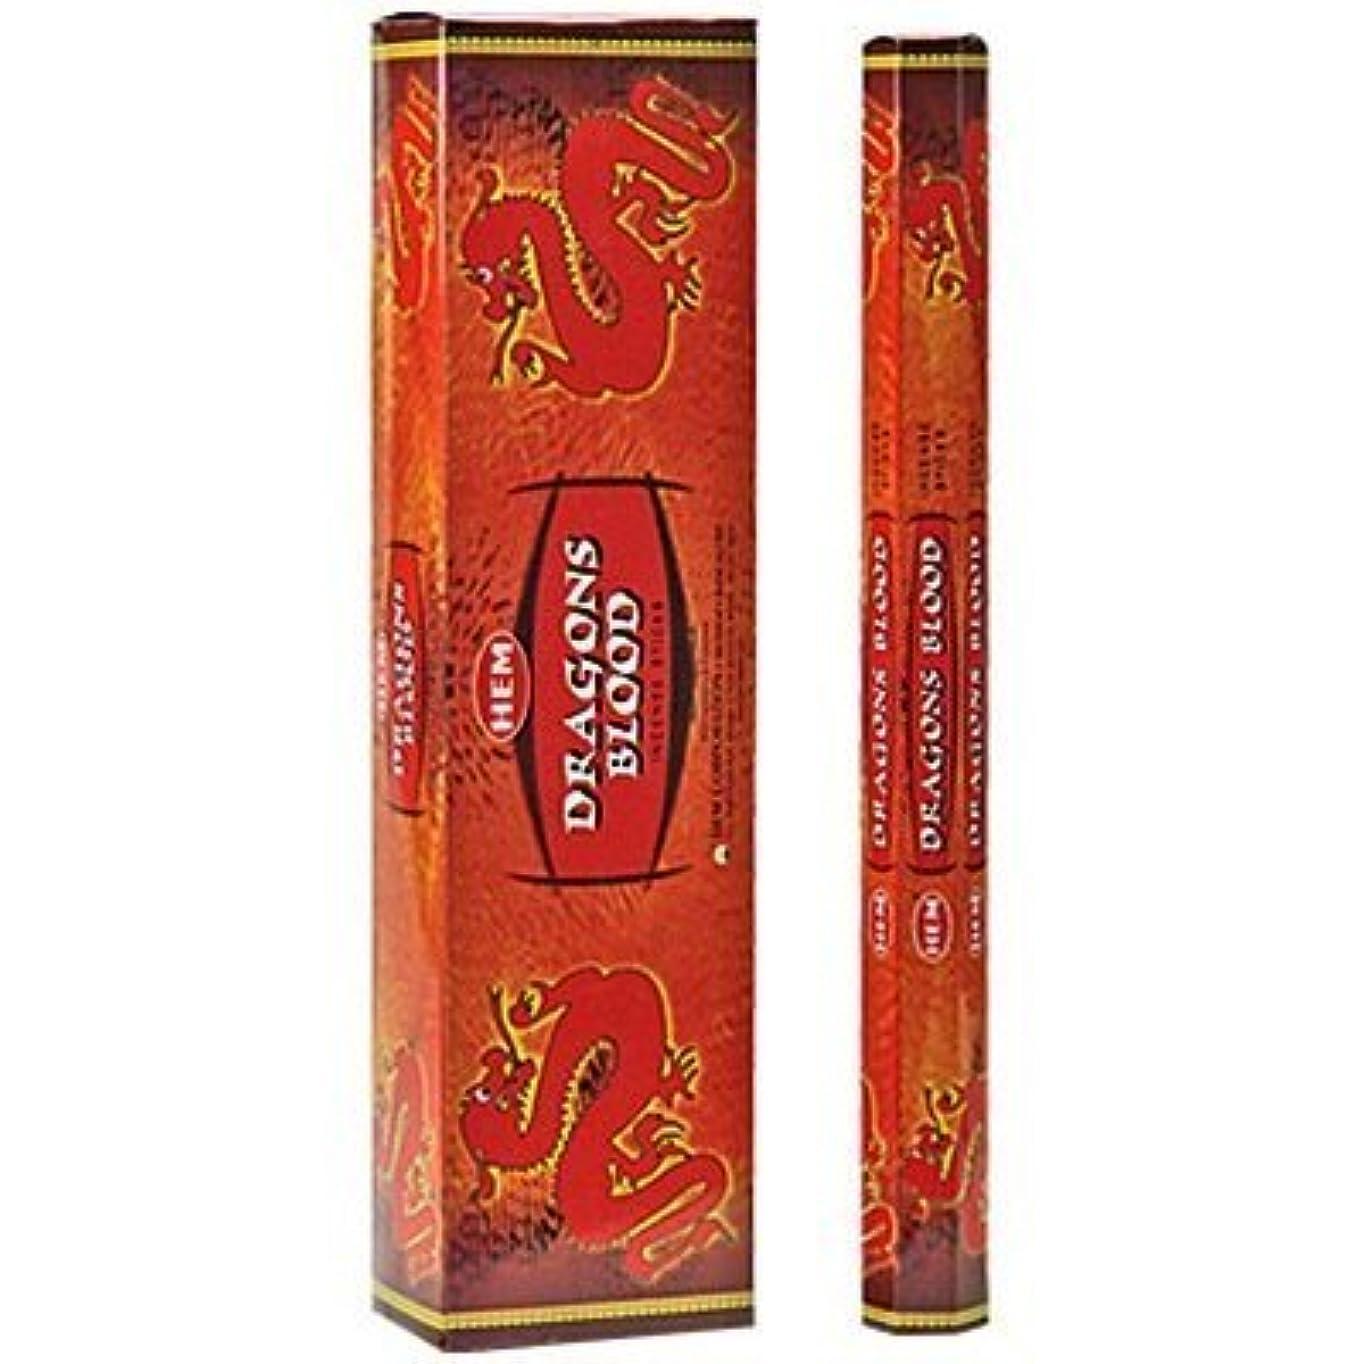 留め金整然とした再現するDragon Blood 16 Inches Tall – 60ジャンボSticksボックス – 裾Incense